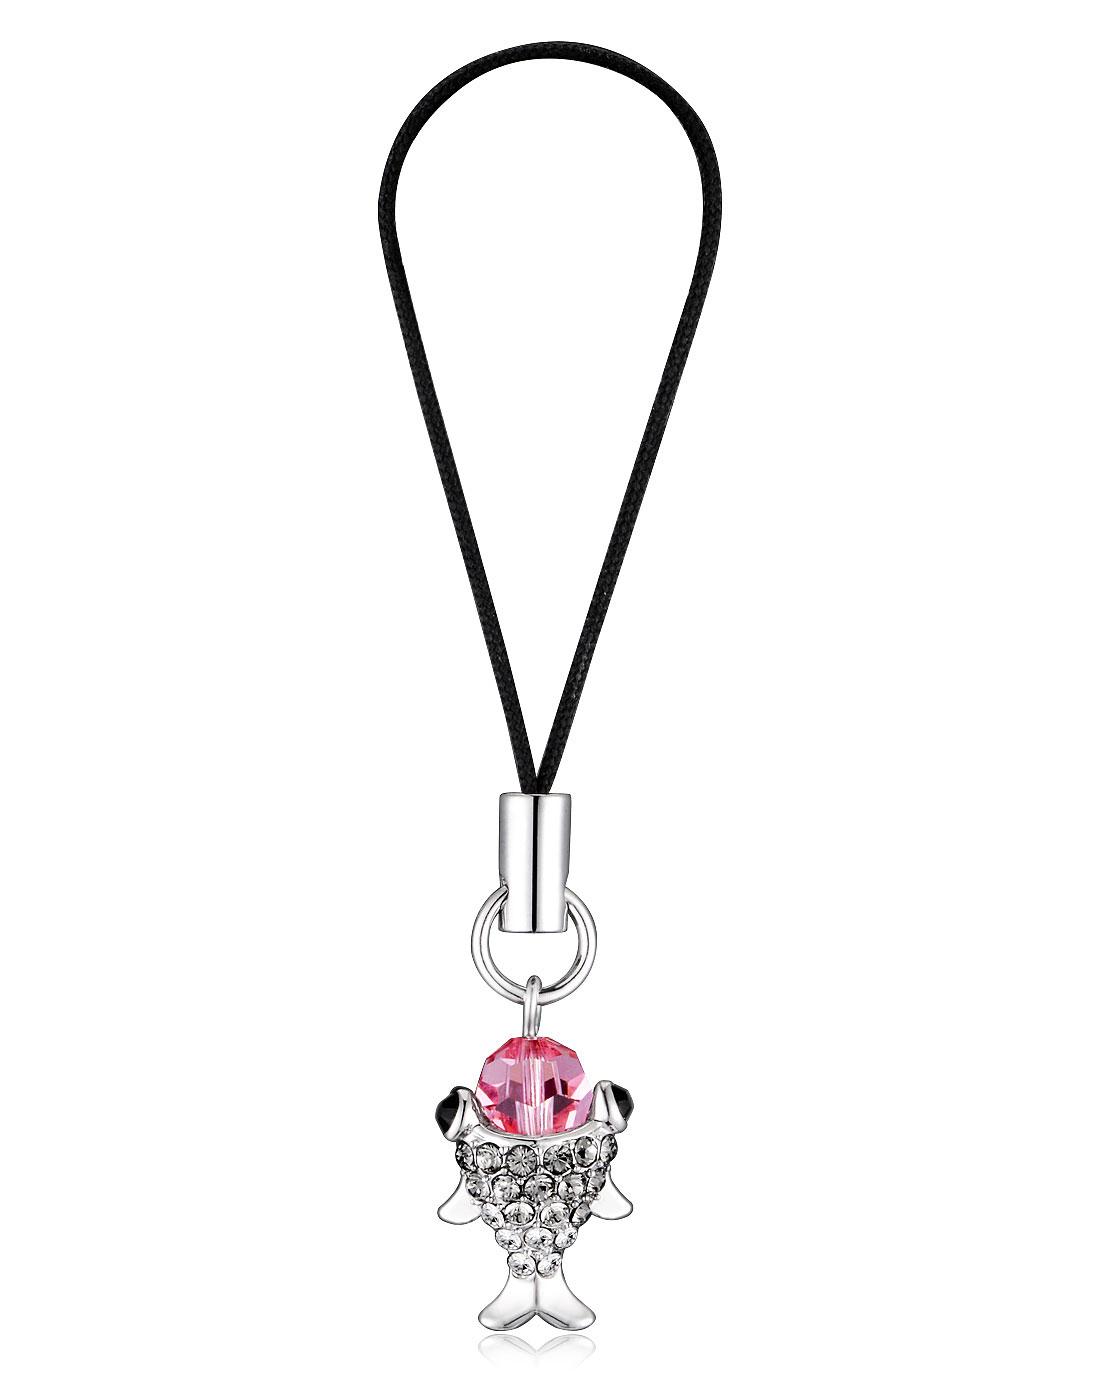 粉红色小鱼钥匙扣